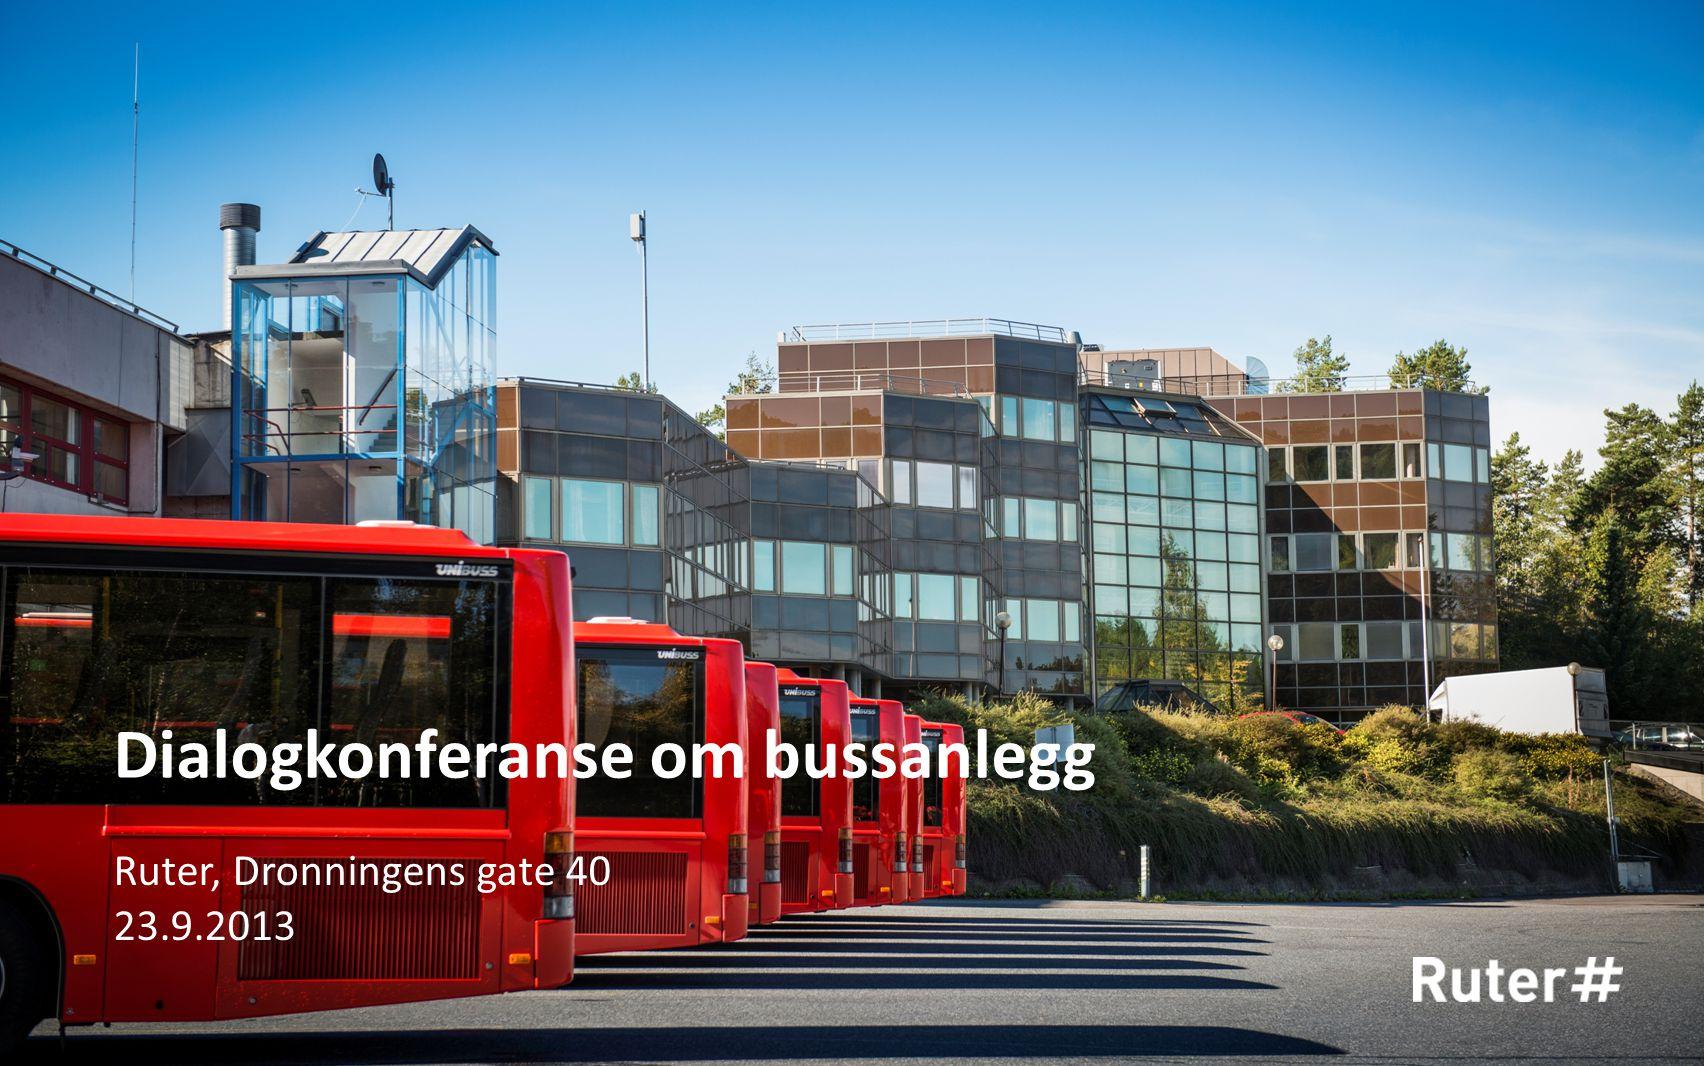 Dialogkonferanse om bussanlegg